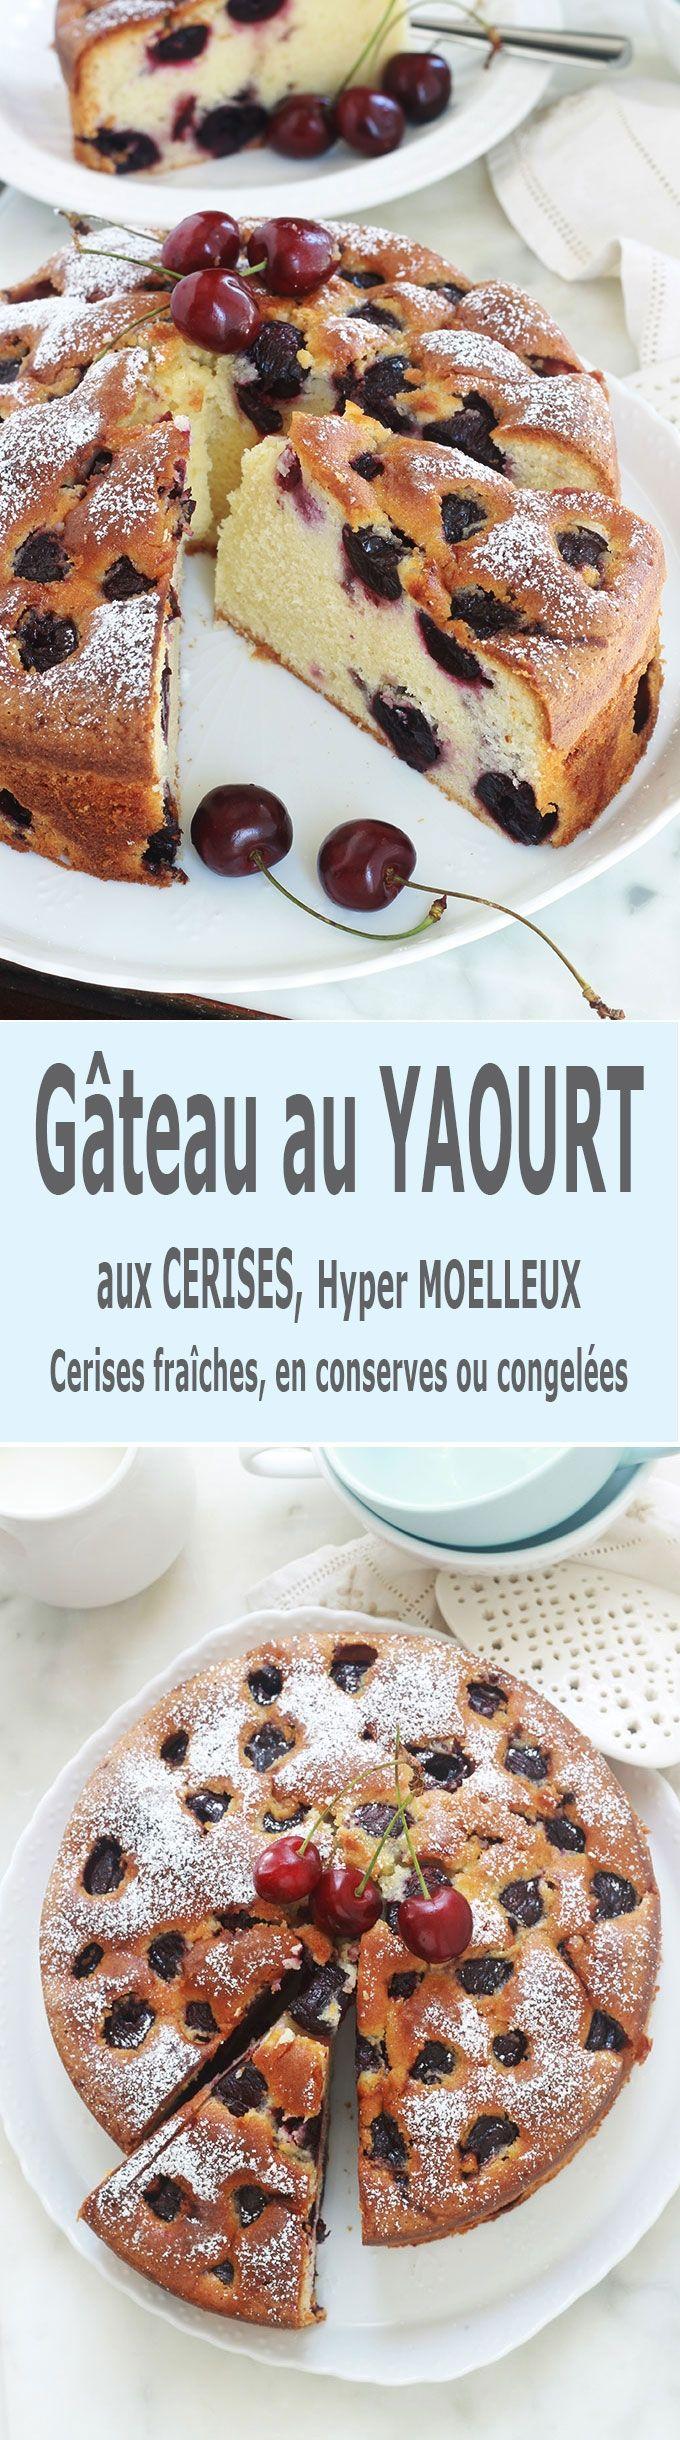 Gâteau au yaourt aux cerises hyper moelleux